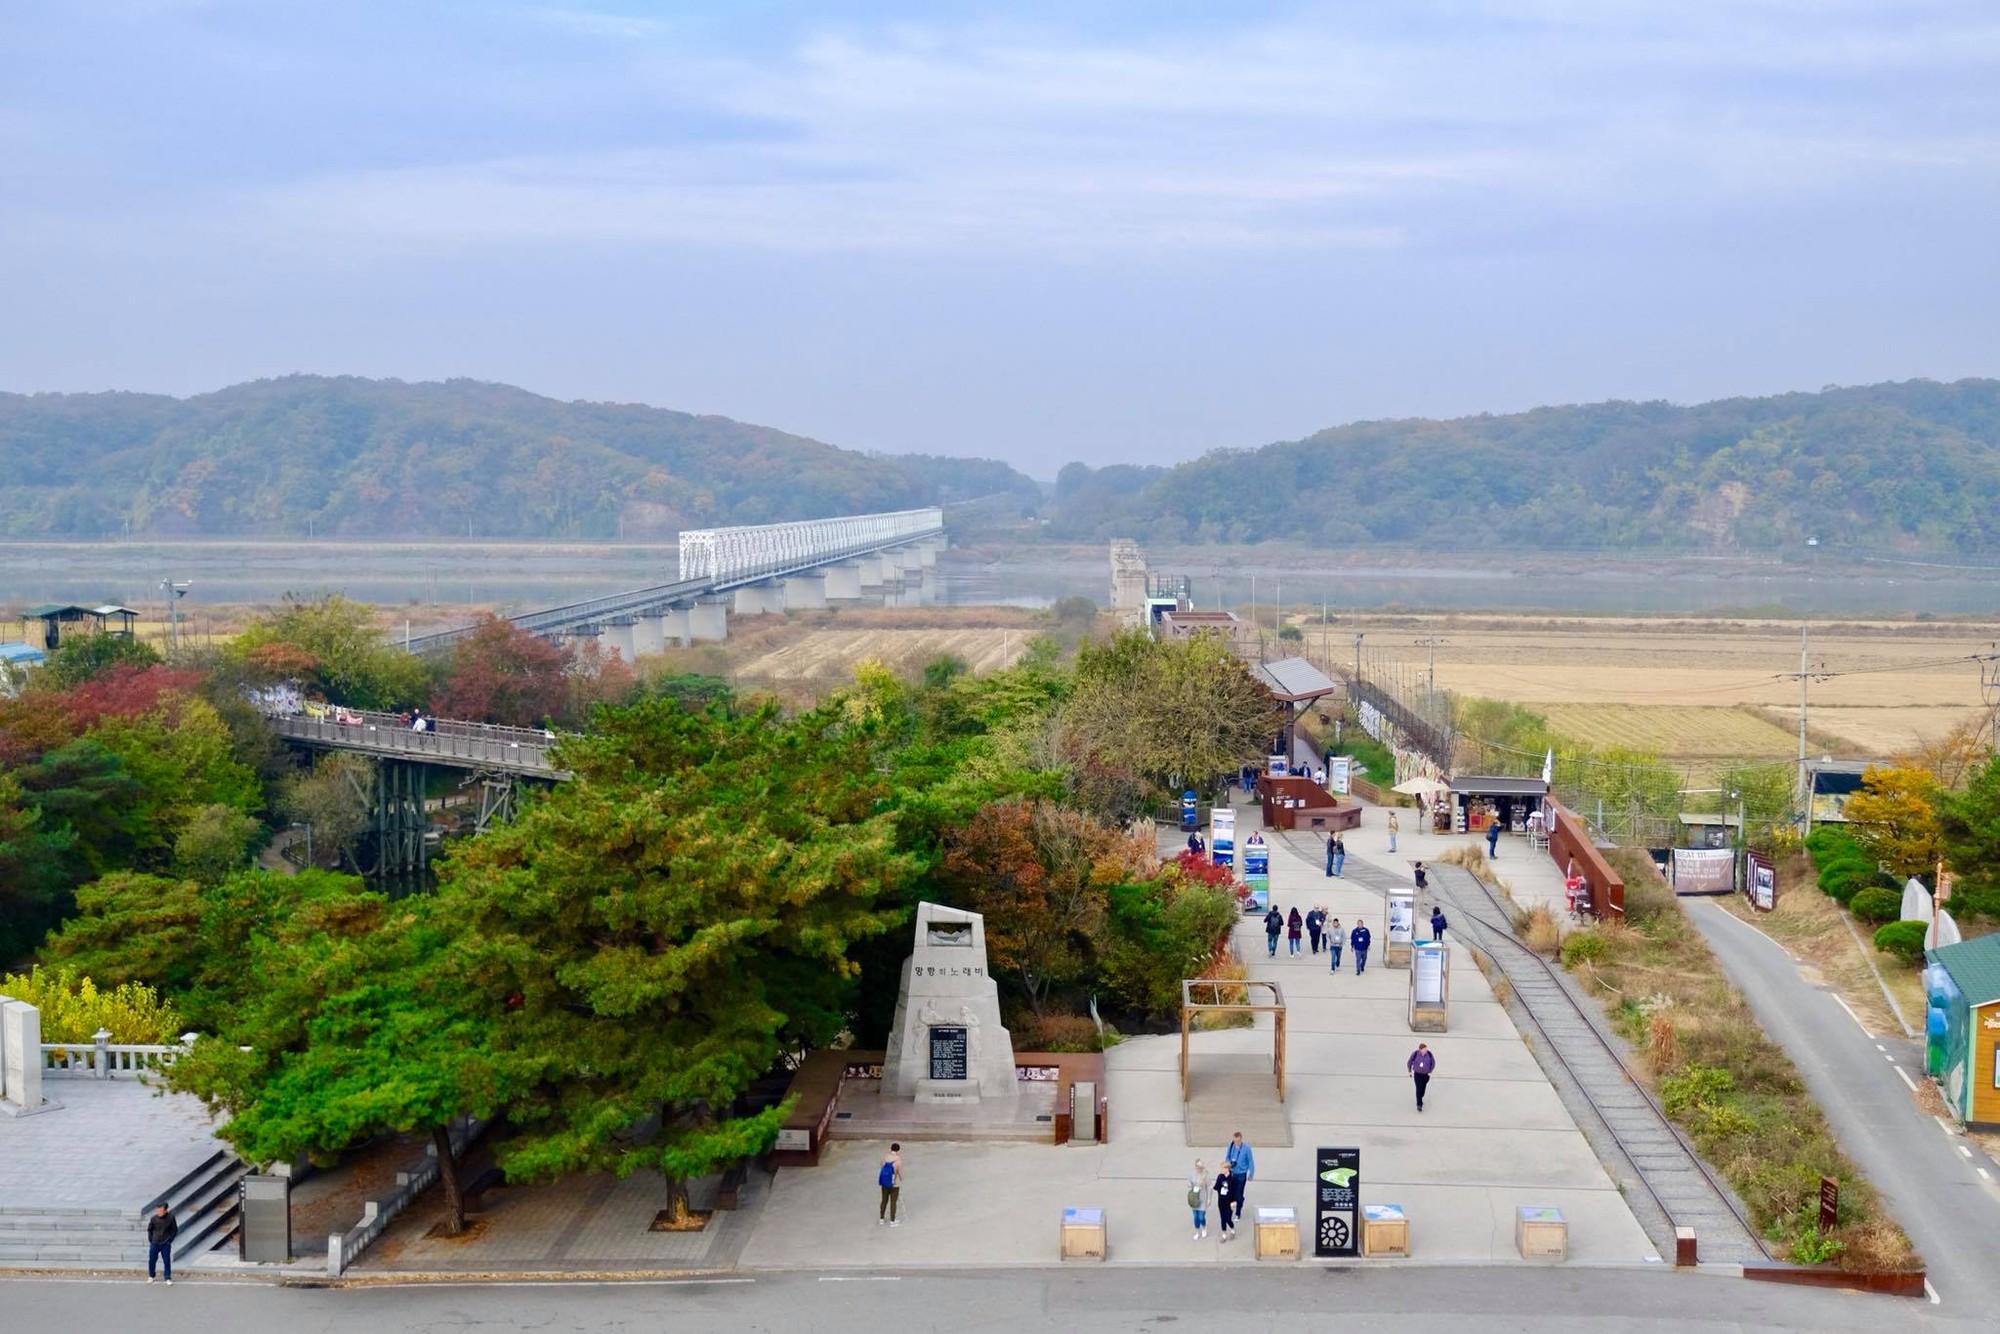 Thù địch và hy vọng ở DMZ liên Triều nhìn từ hai phía qua ống kính người Việt 23